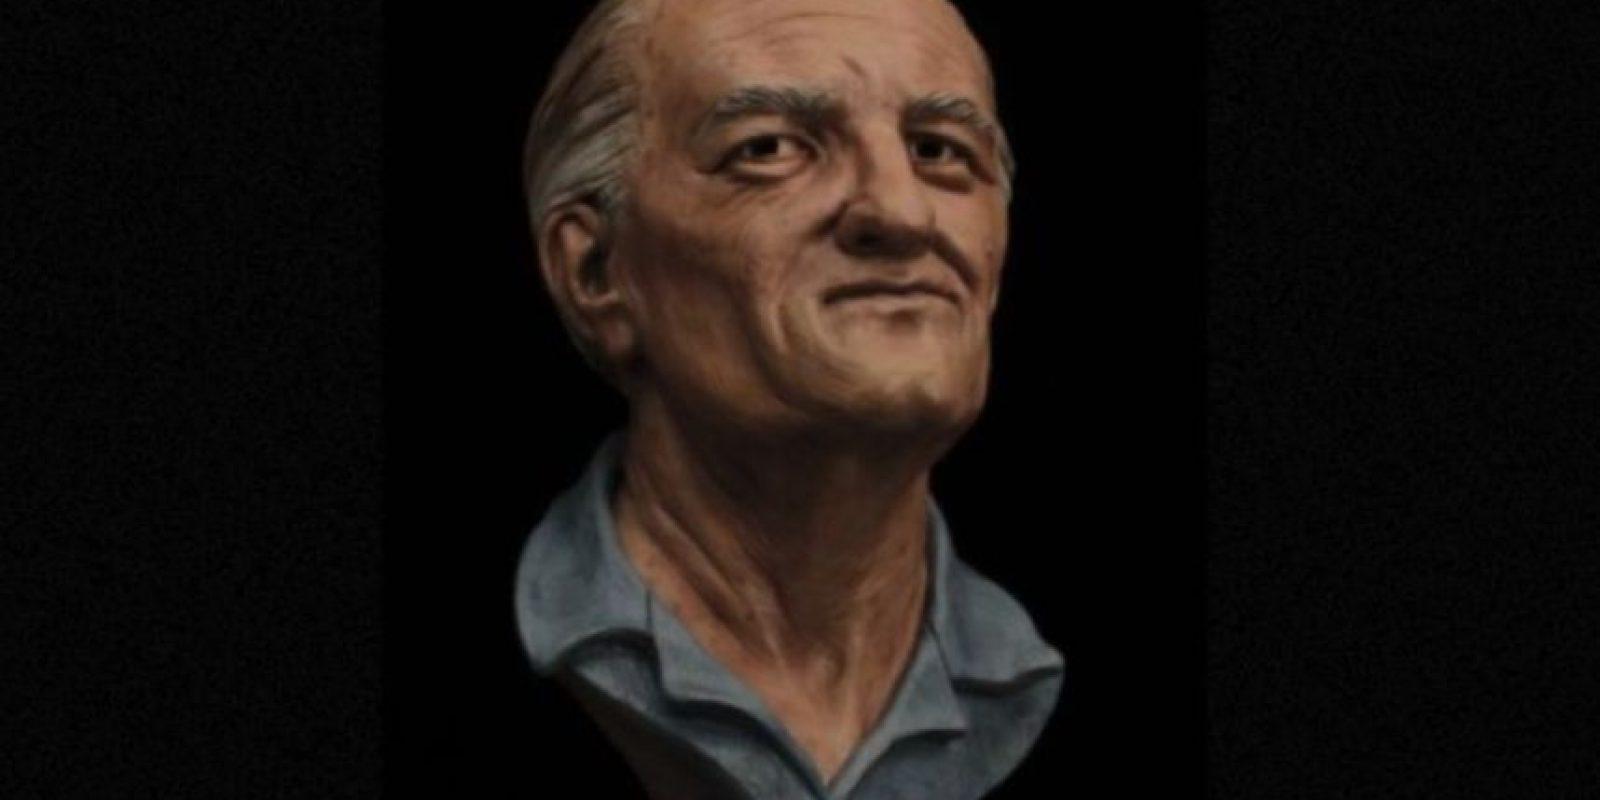 Se le busca por haber asesinado a golpes a su madre, a su esposa y a sus tres hijos en marzo de 1976. Se ofrecen 100 mil dólares por información que lleve a su captura Foto:fbi.gov/wanted/topten